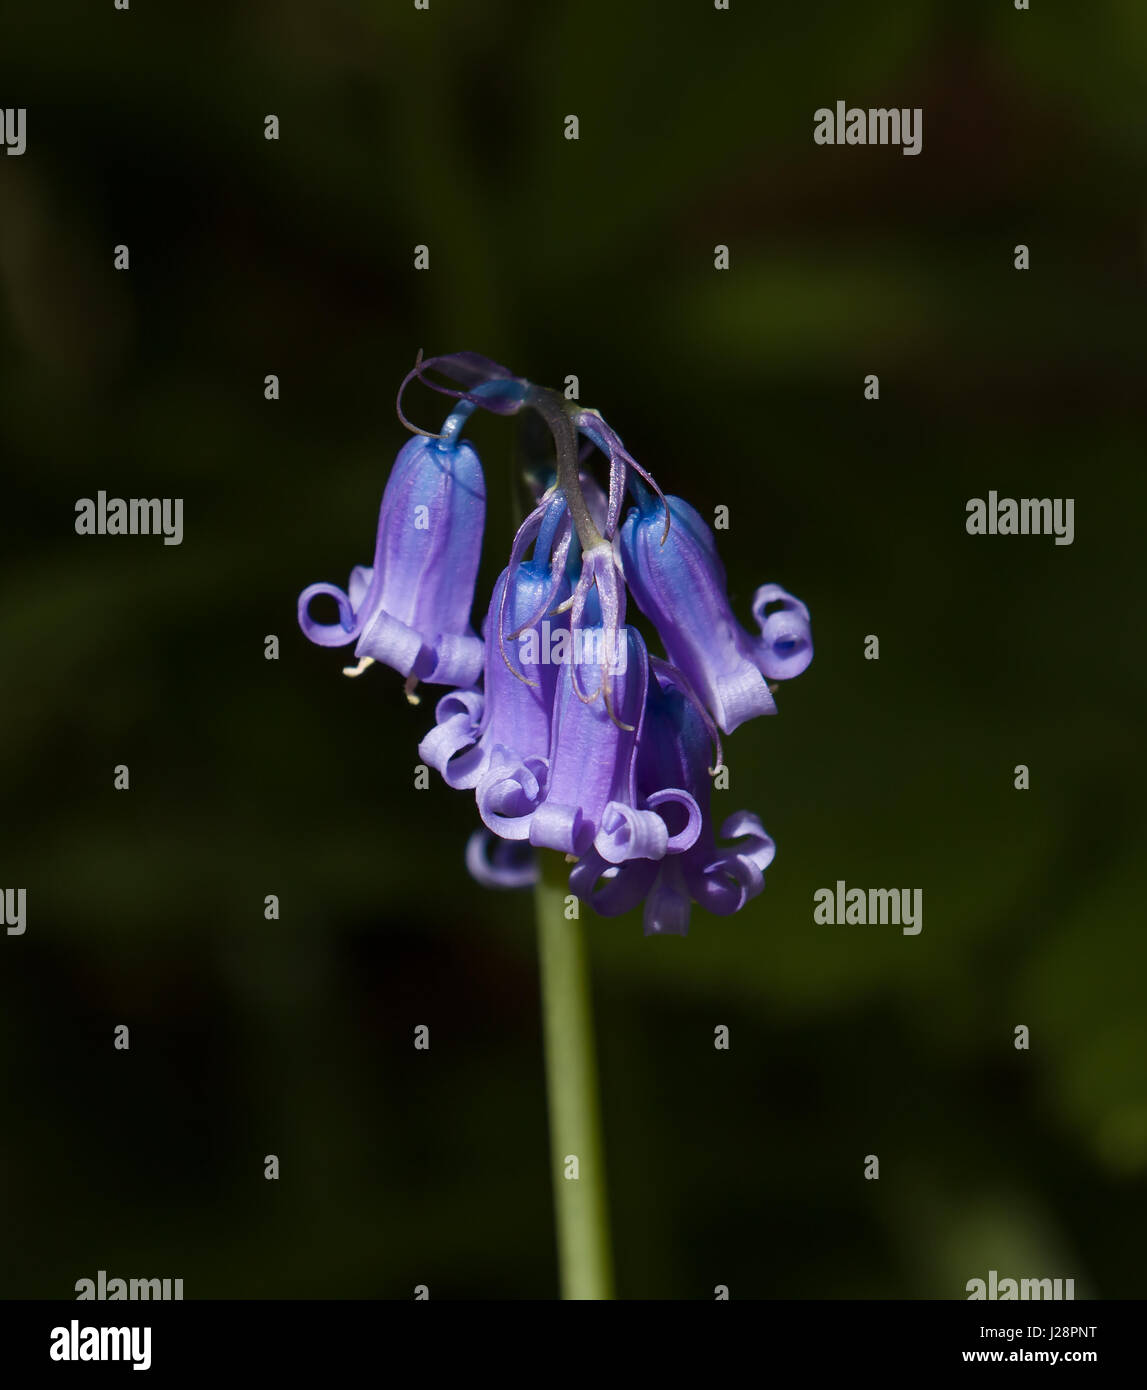 Close-up di dettaglio common english bluebell hyacinthoides non scripta. Immagini Stock